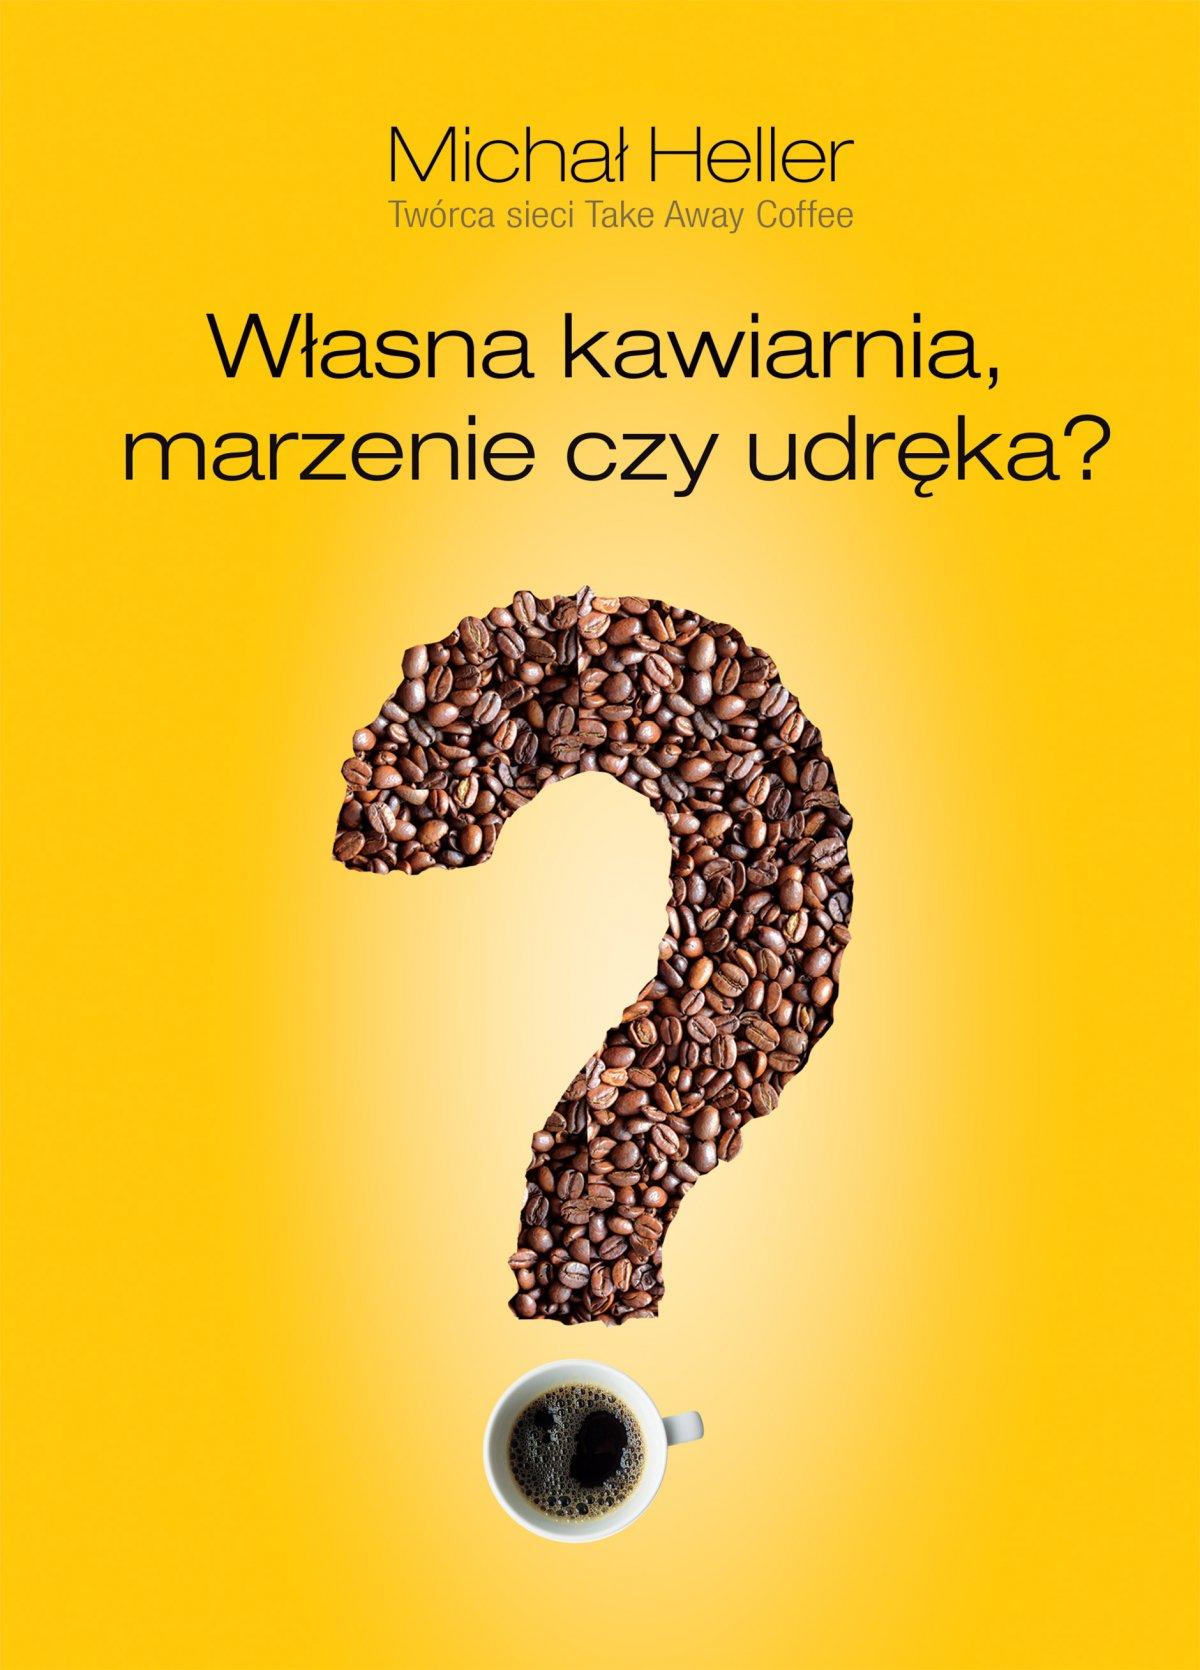 Własna kawiarnia. Marzenie czy udręka? - Ebook (Książka EPUB) do pobrania w formacie EPUB